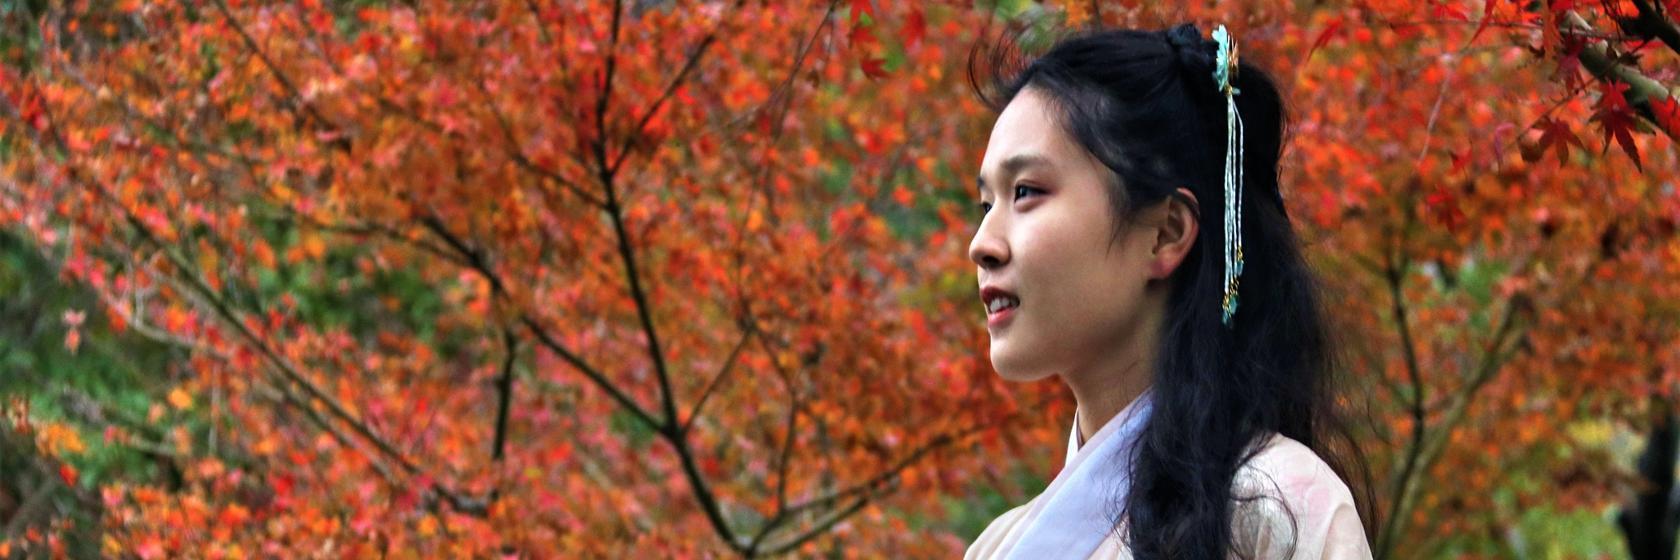 """与汉服美女游览""""梁山伯与祝英台""""的传说出处——杭州万松书院"""